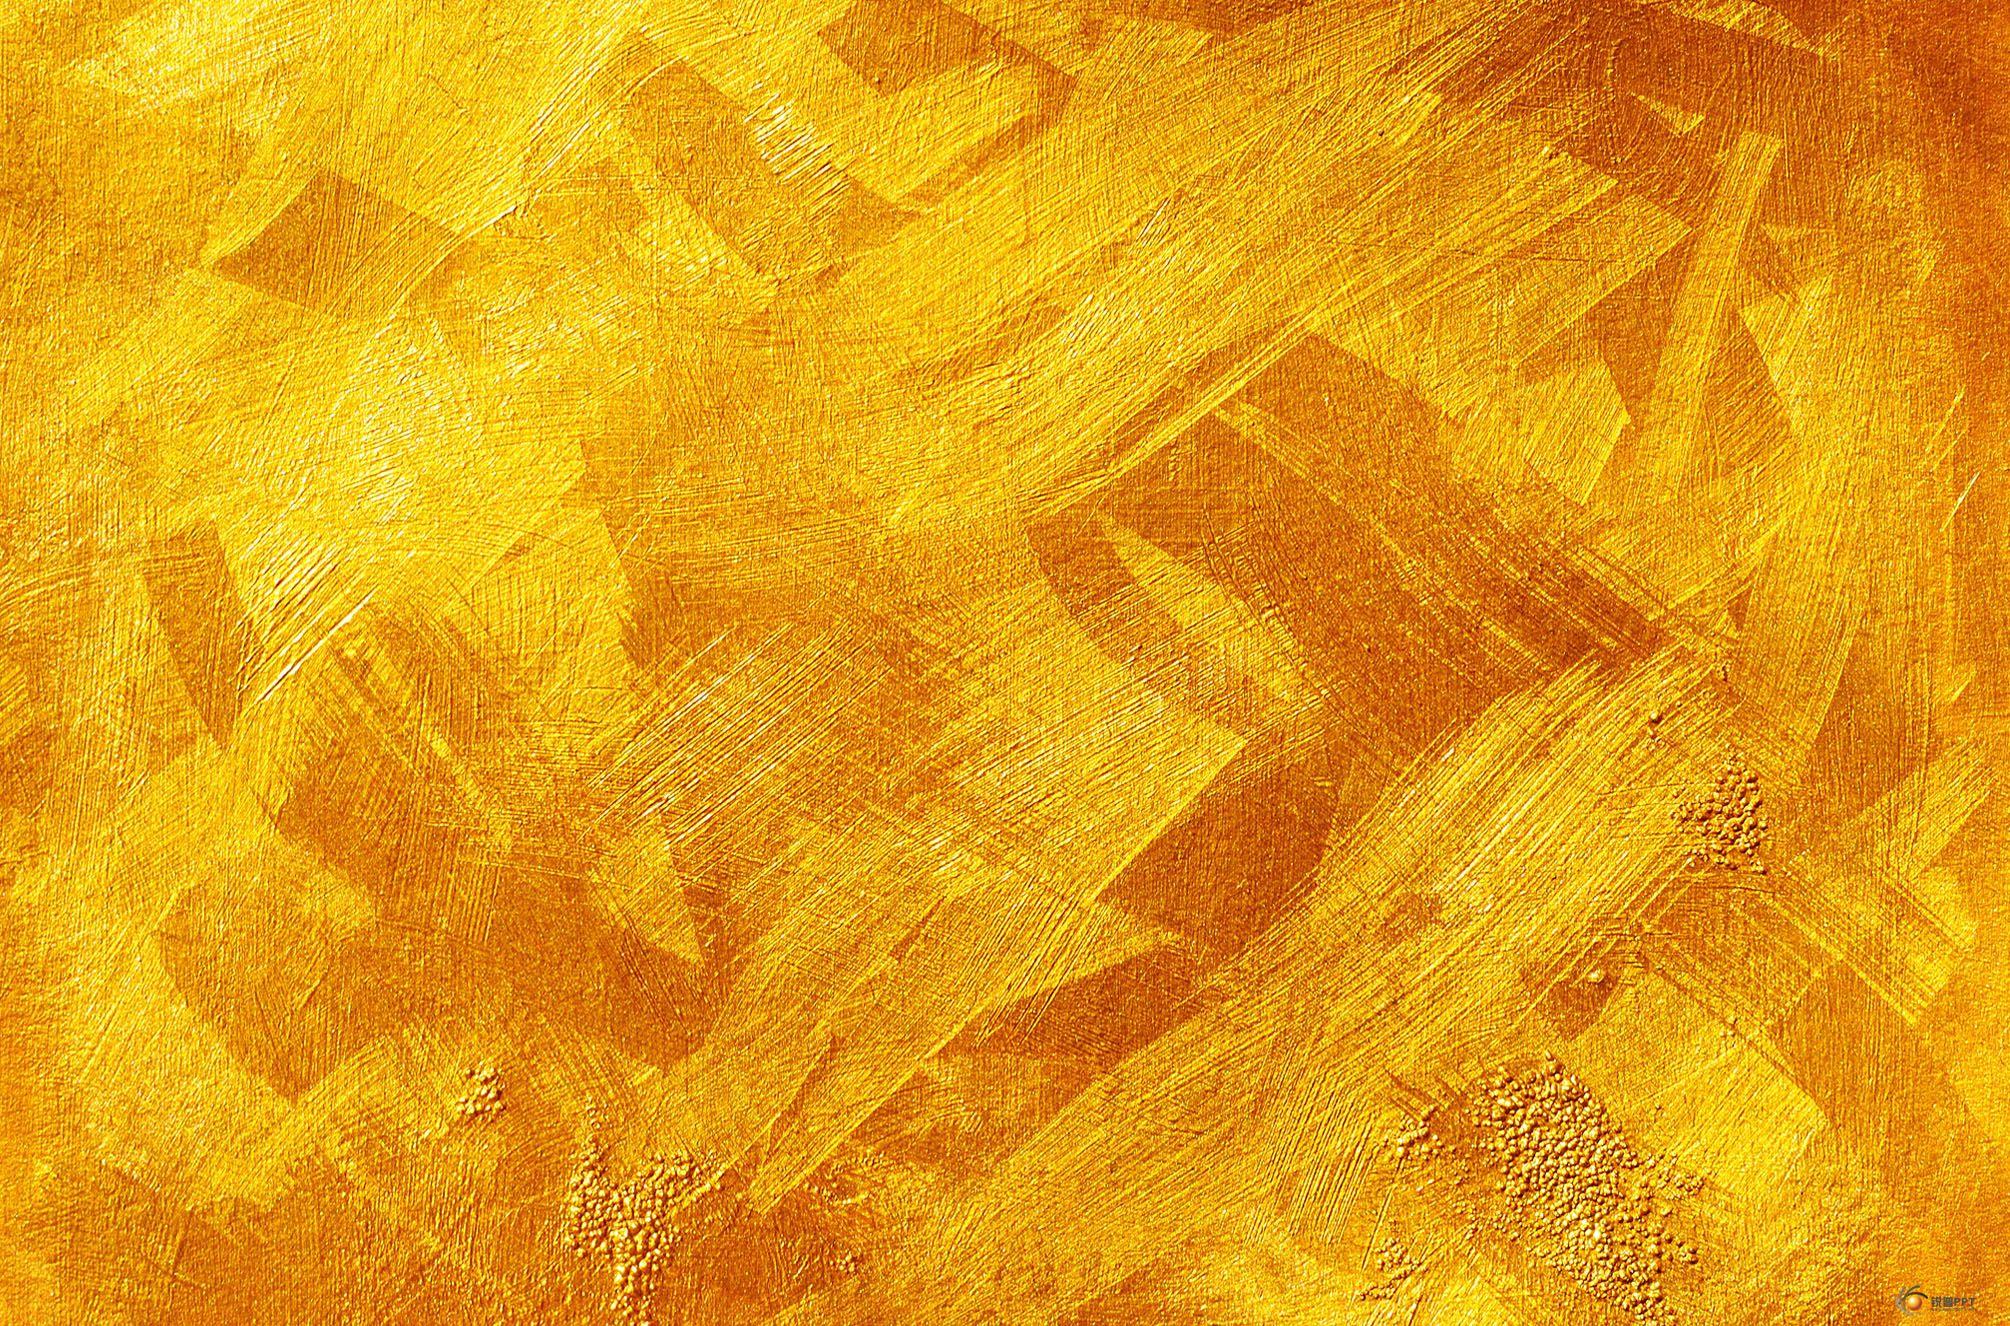 论坛广场 69 ppt素材区 69 图片素材 69 ~乌夜啼~金秋季发金色